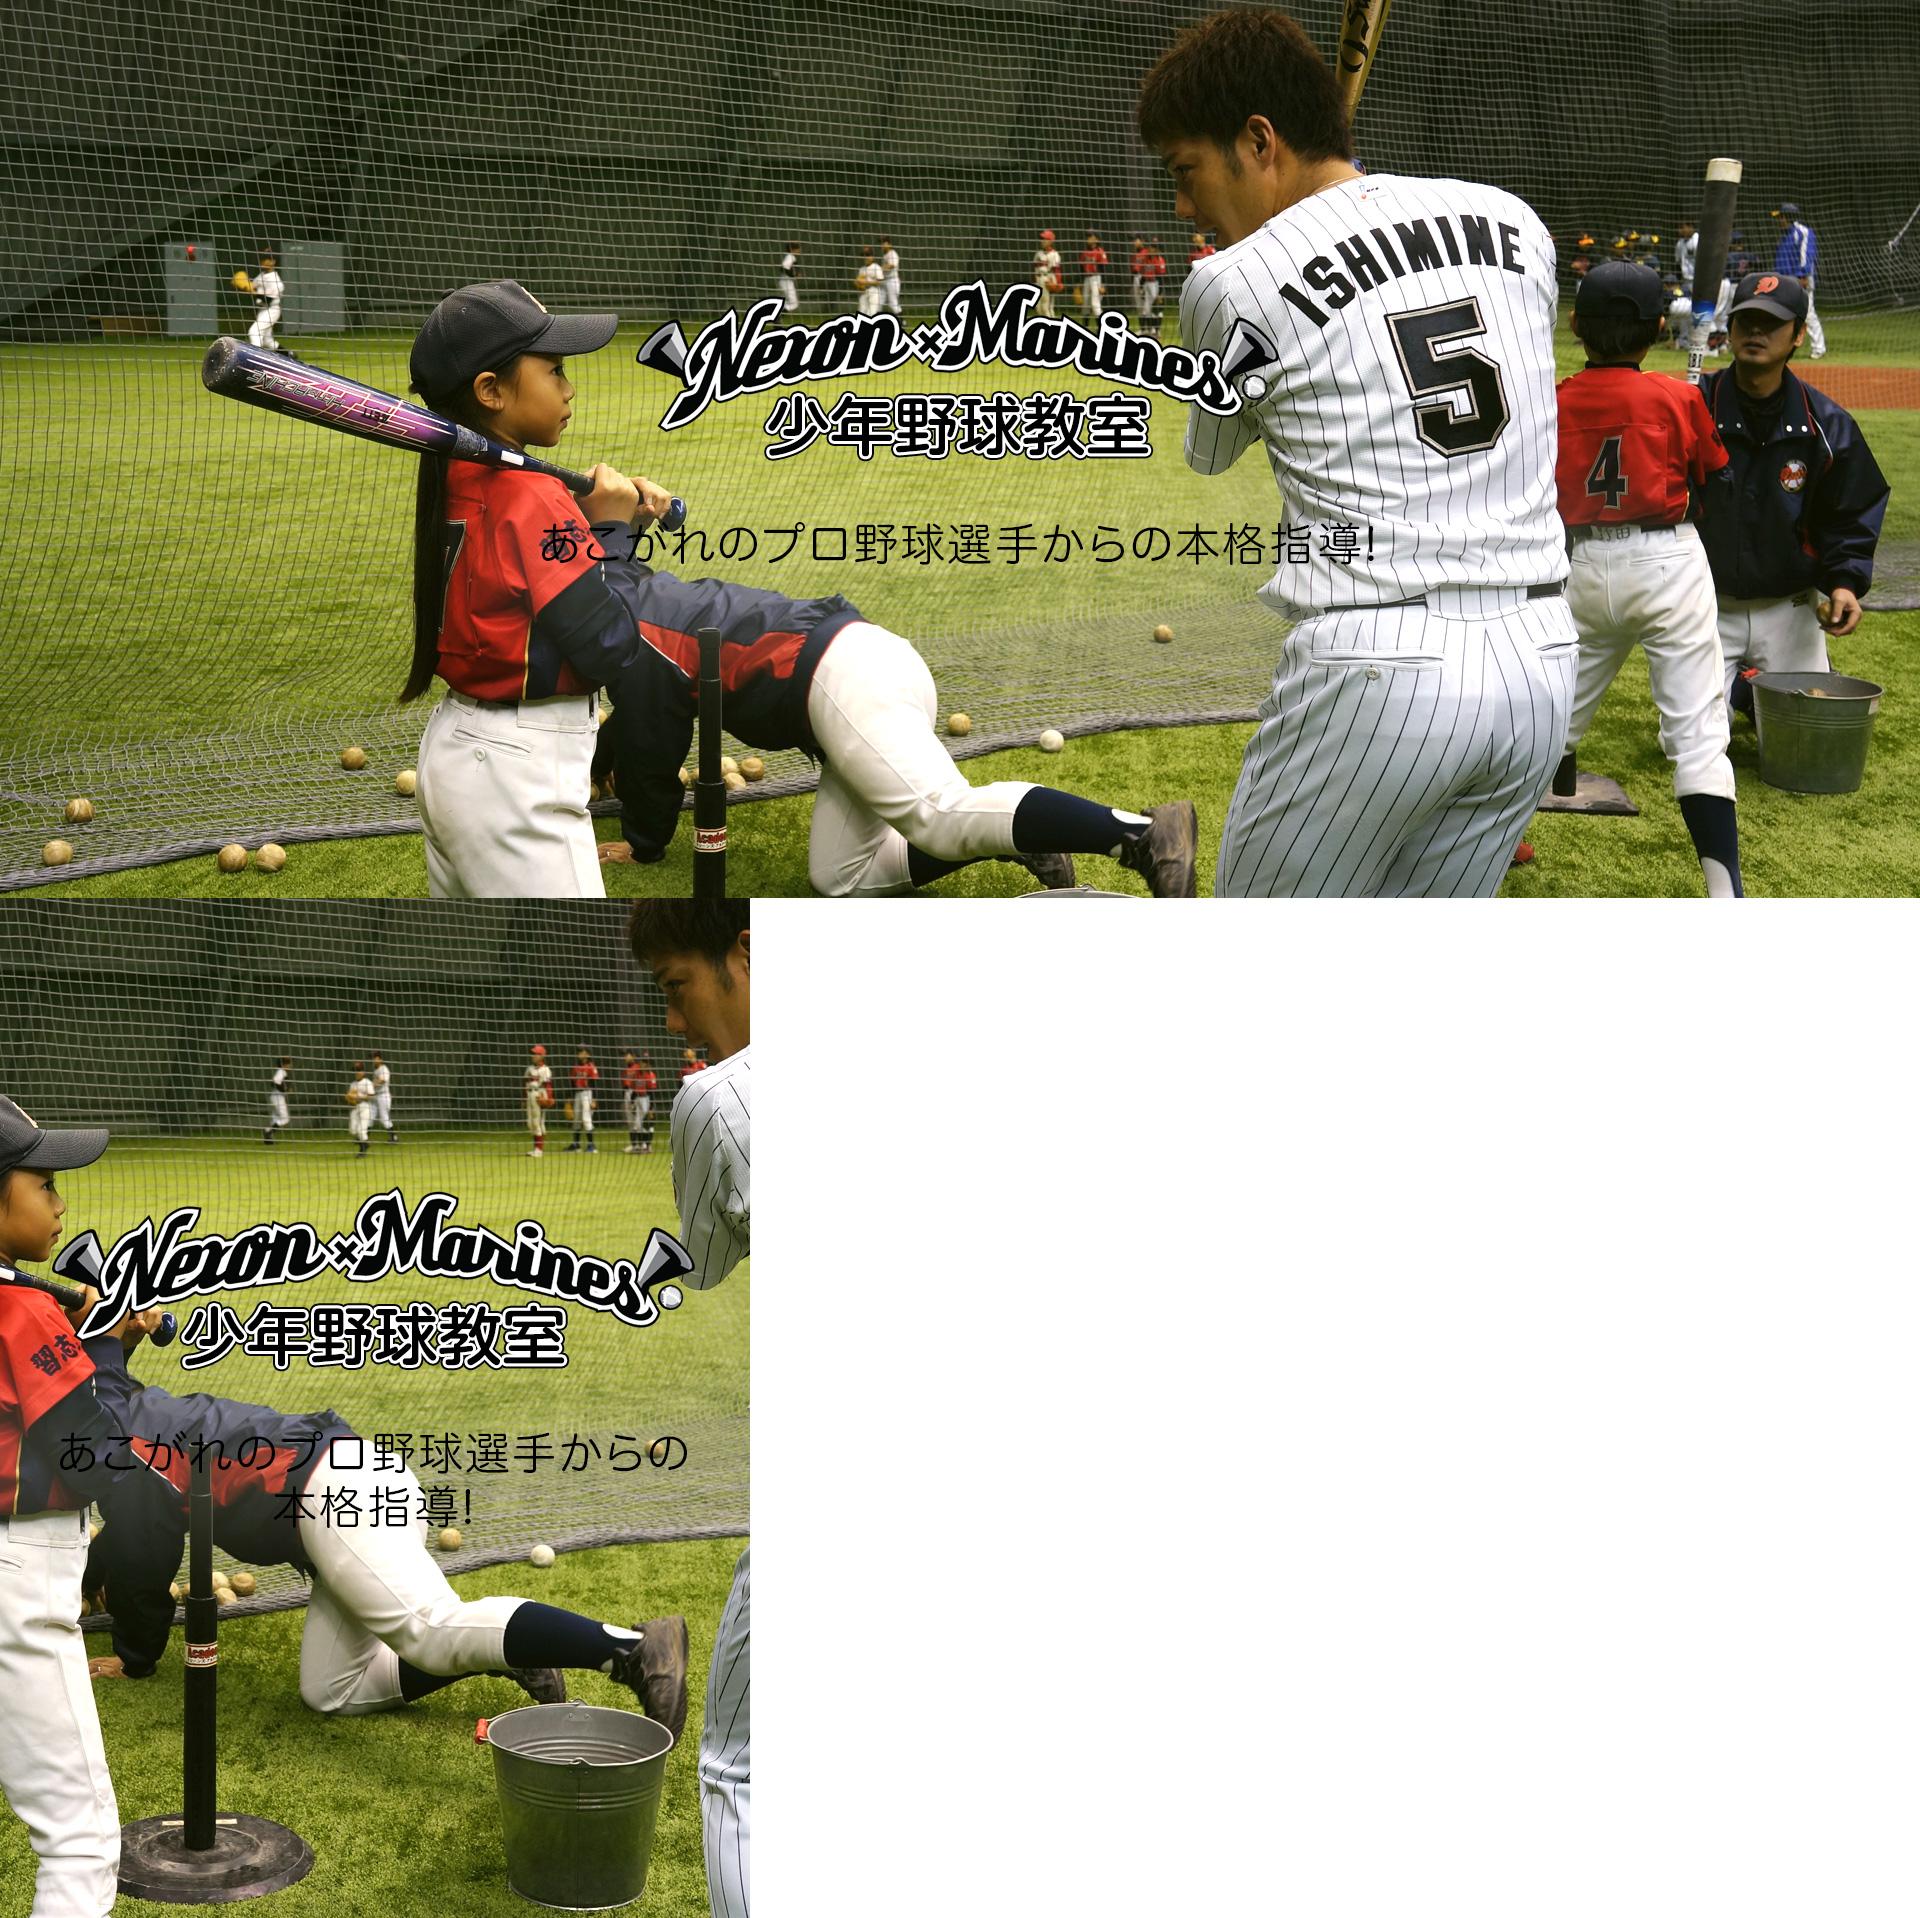 千葉ロッテマリーンズ少年野球教室